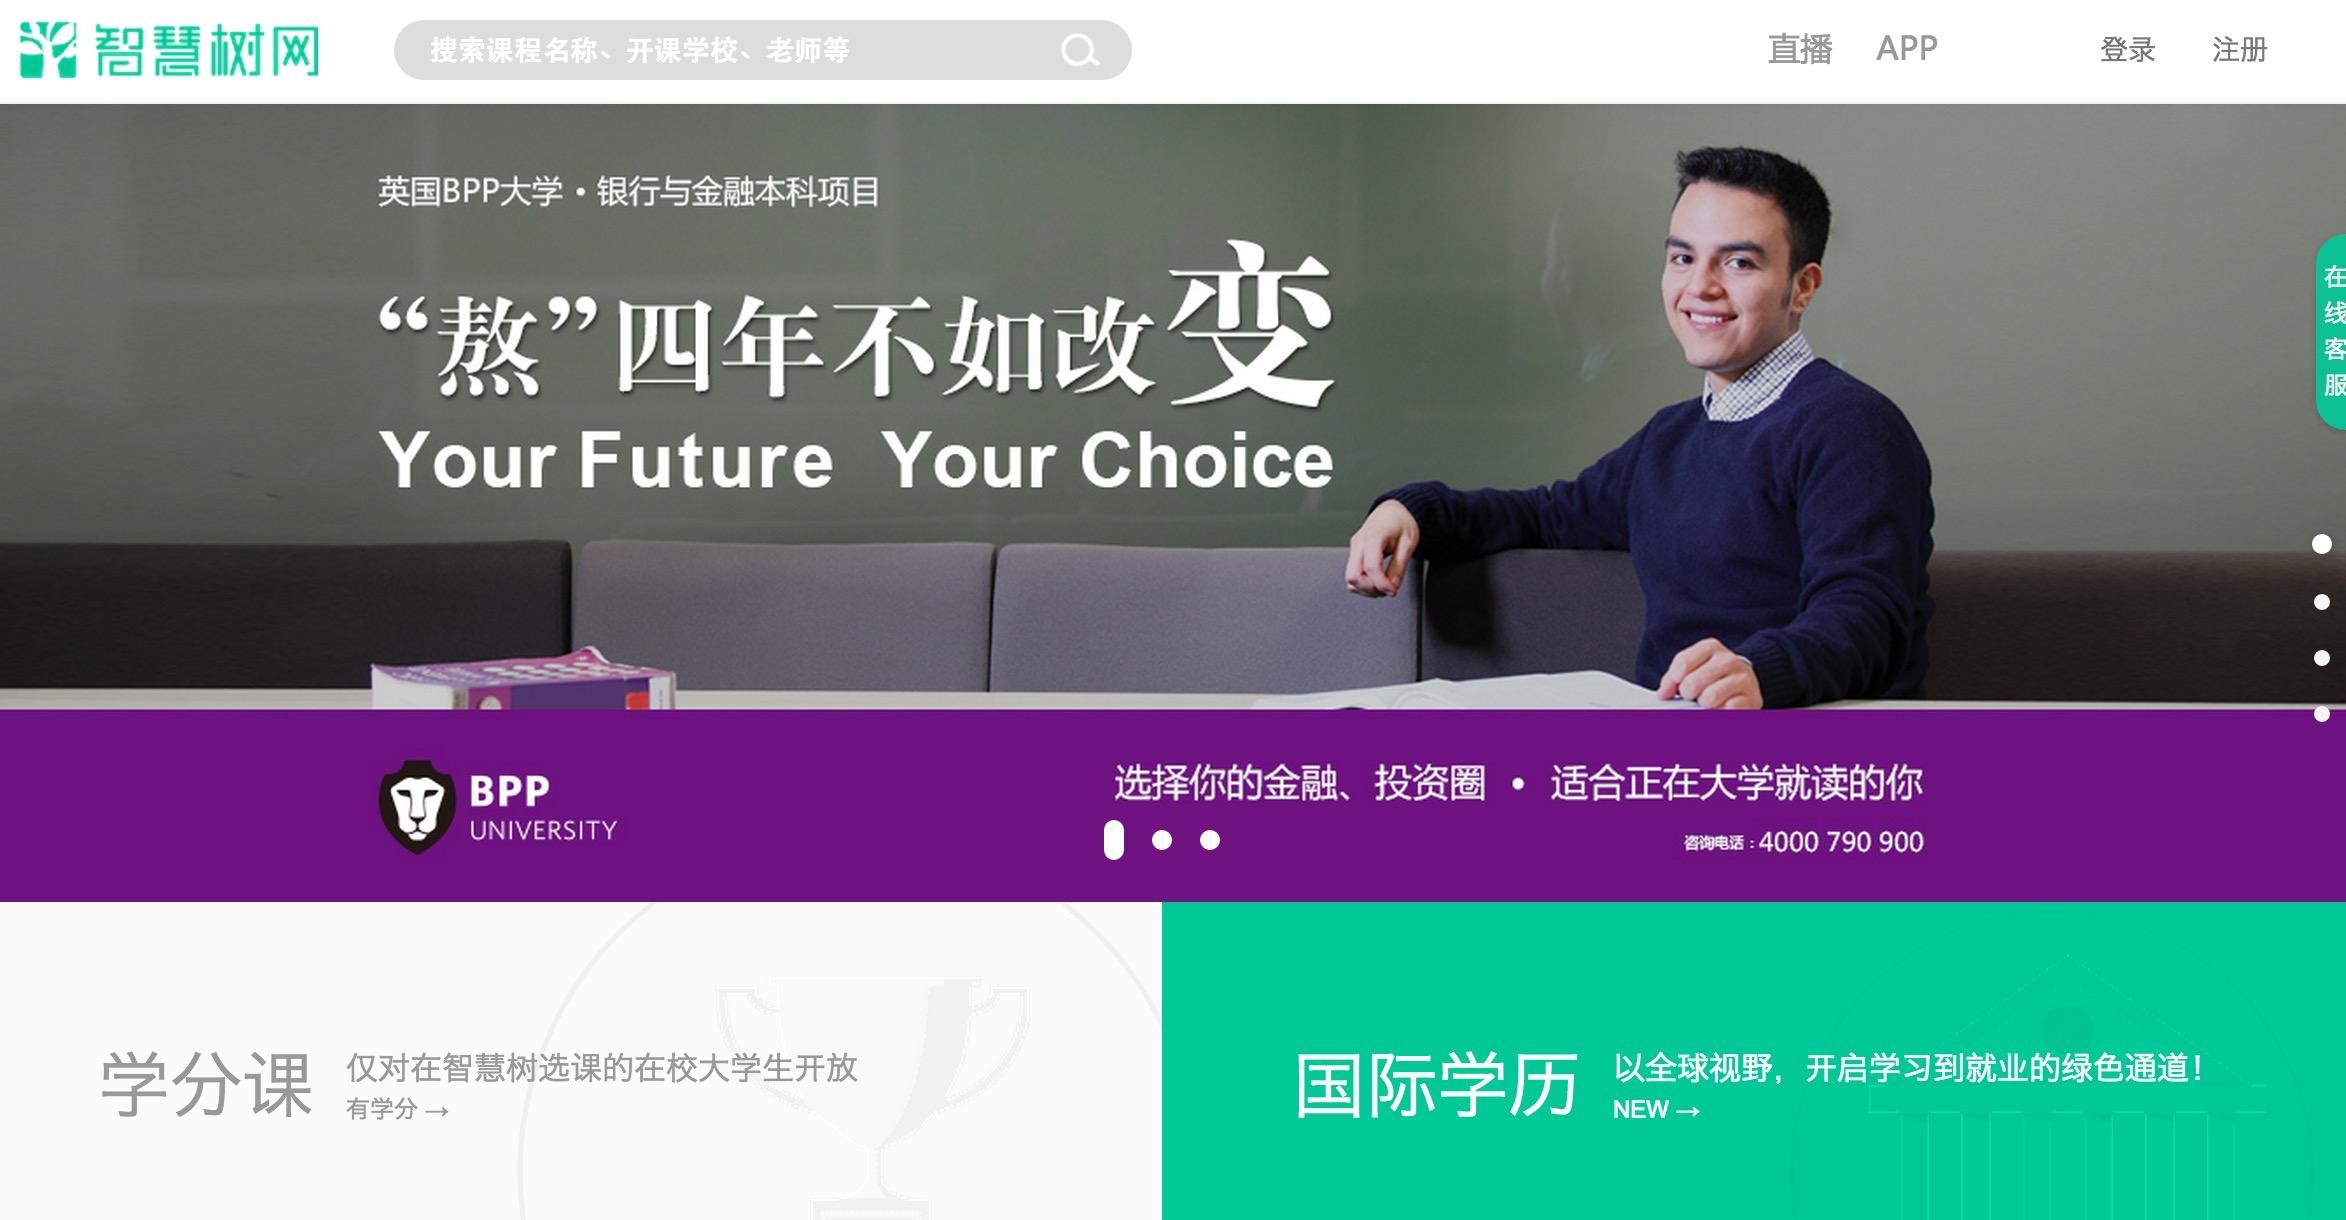 学分课程共享平台智慧树网所属公司上海卓越睿新数码